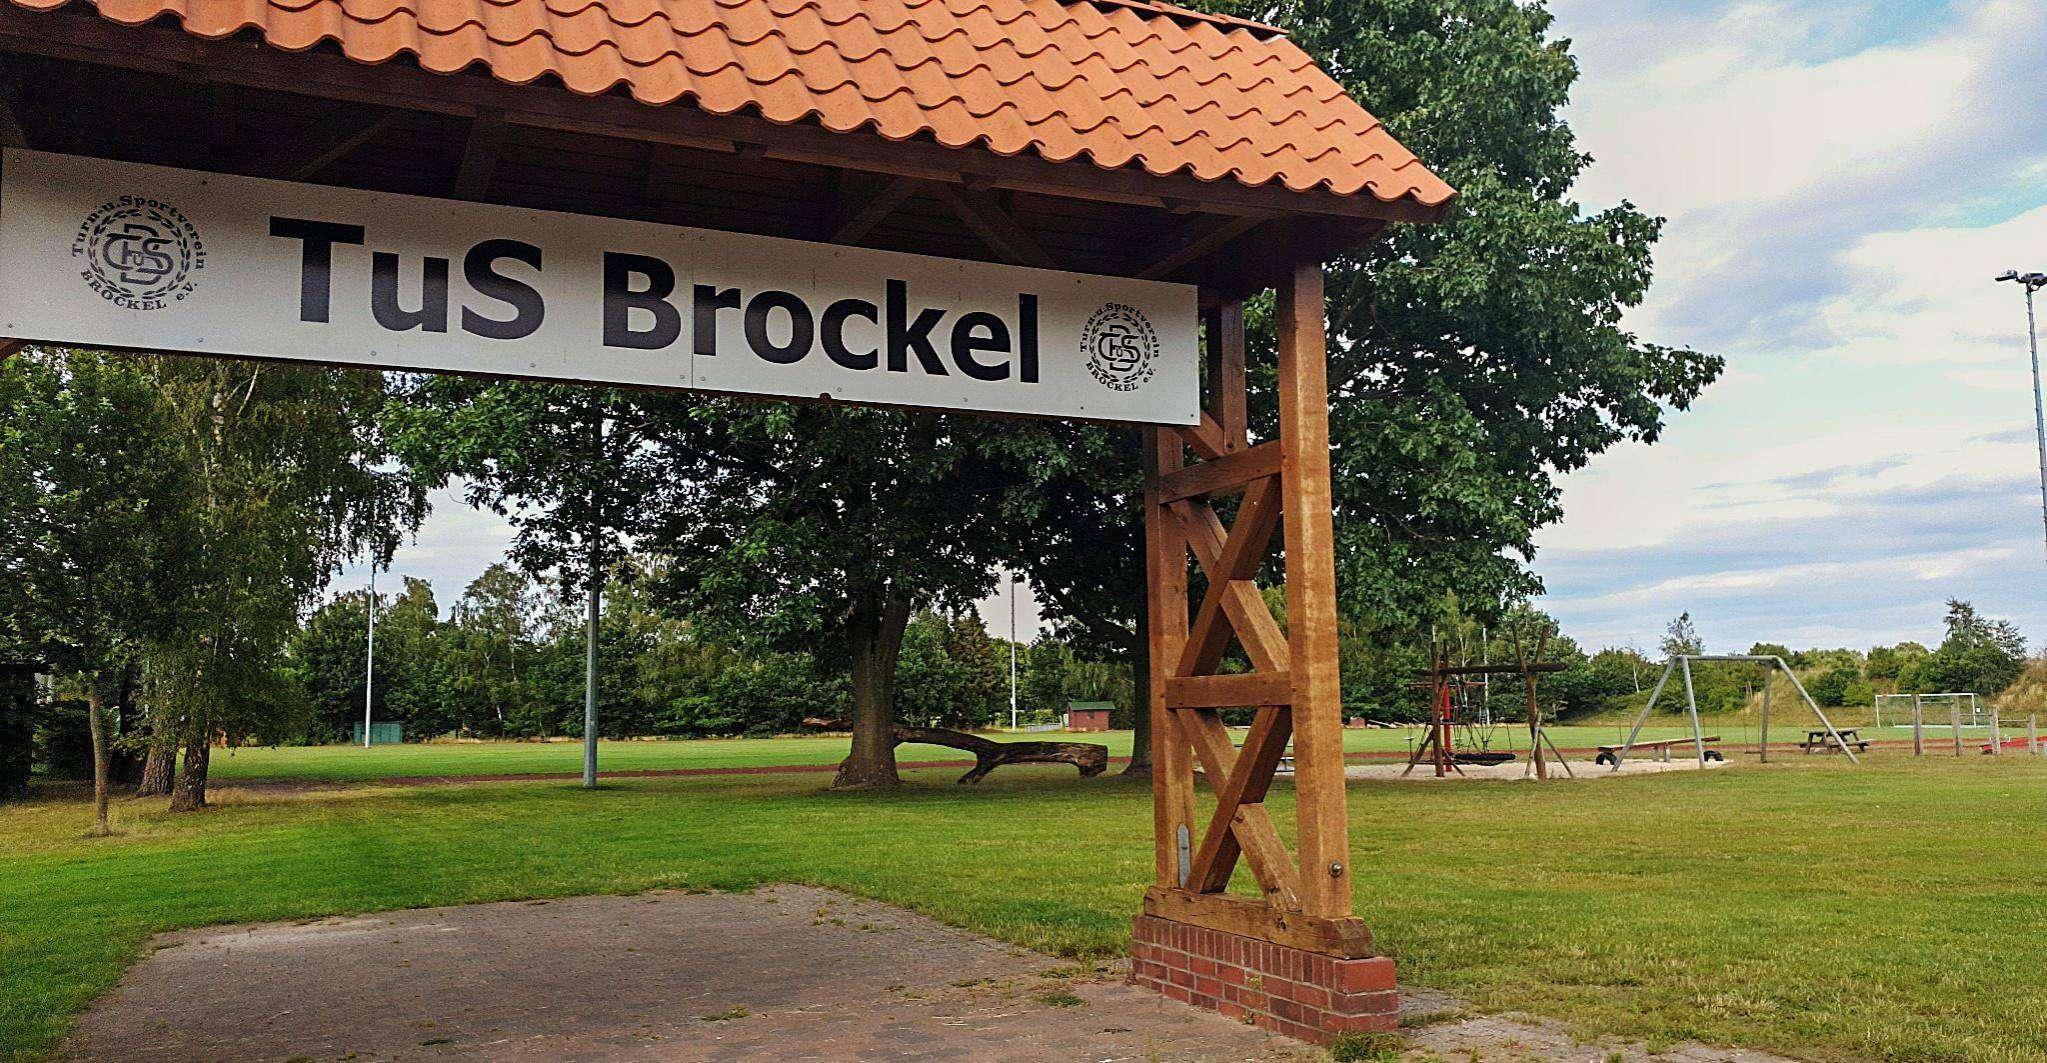 Der Brockeler Sportplatz verfügt über eine neu installierte Beregnungsanlage. Foto: Tobias Woelki